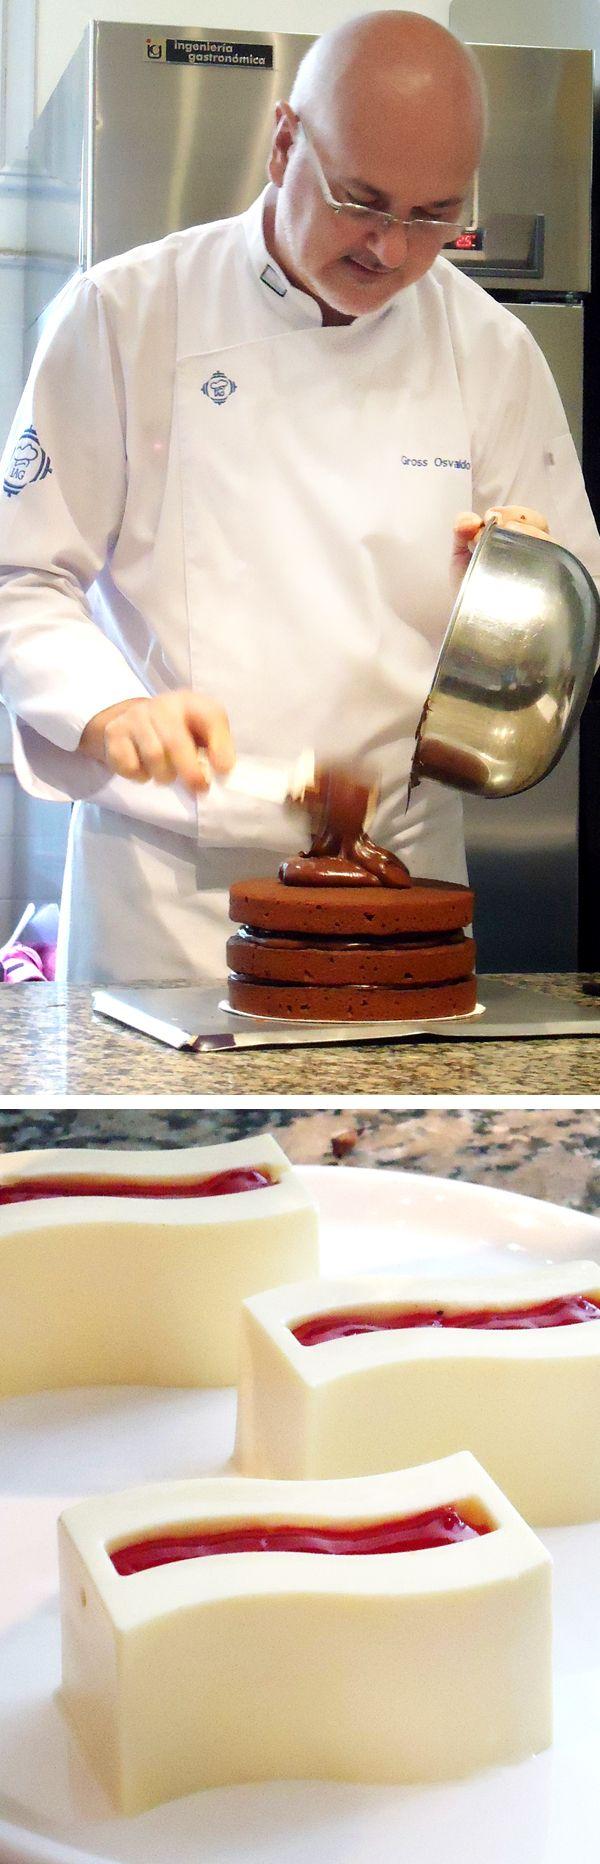 Osvaldo Gross - Pastelería con chocolate